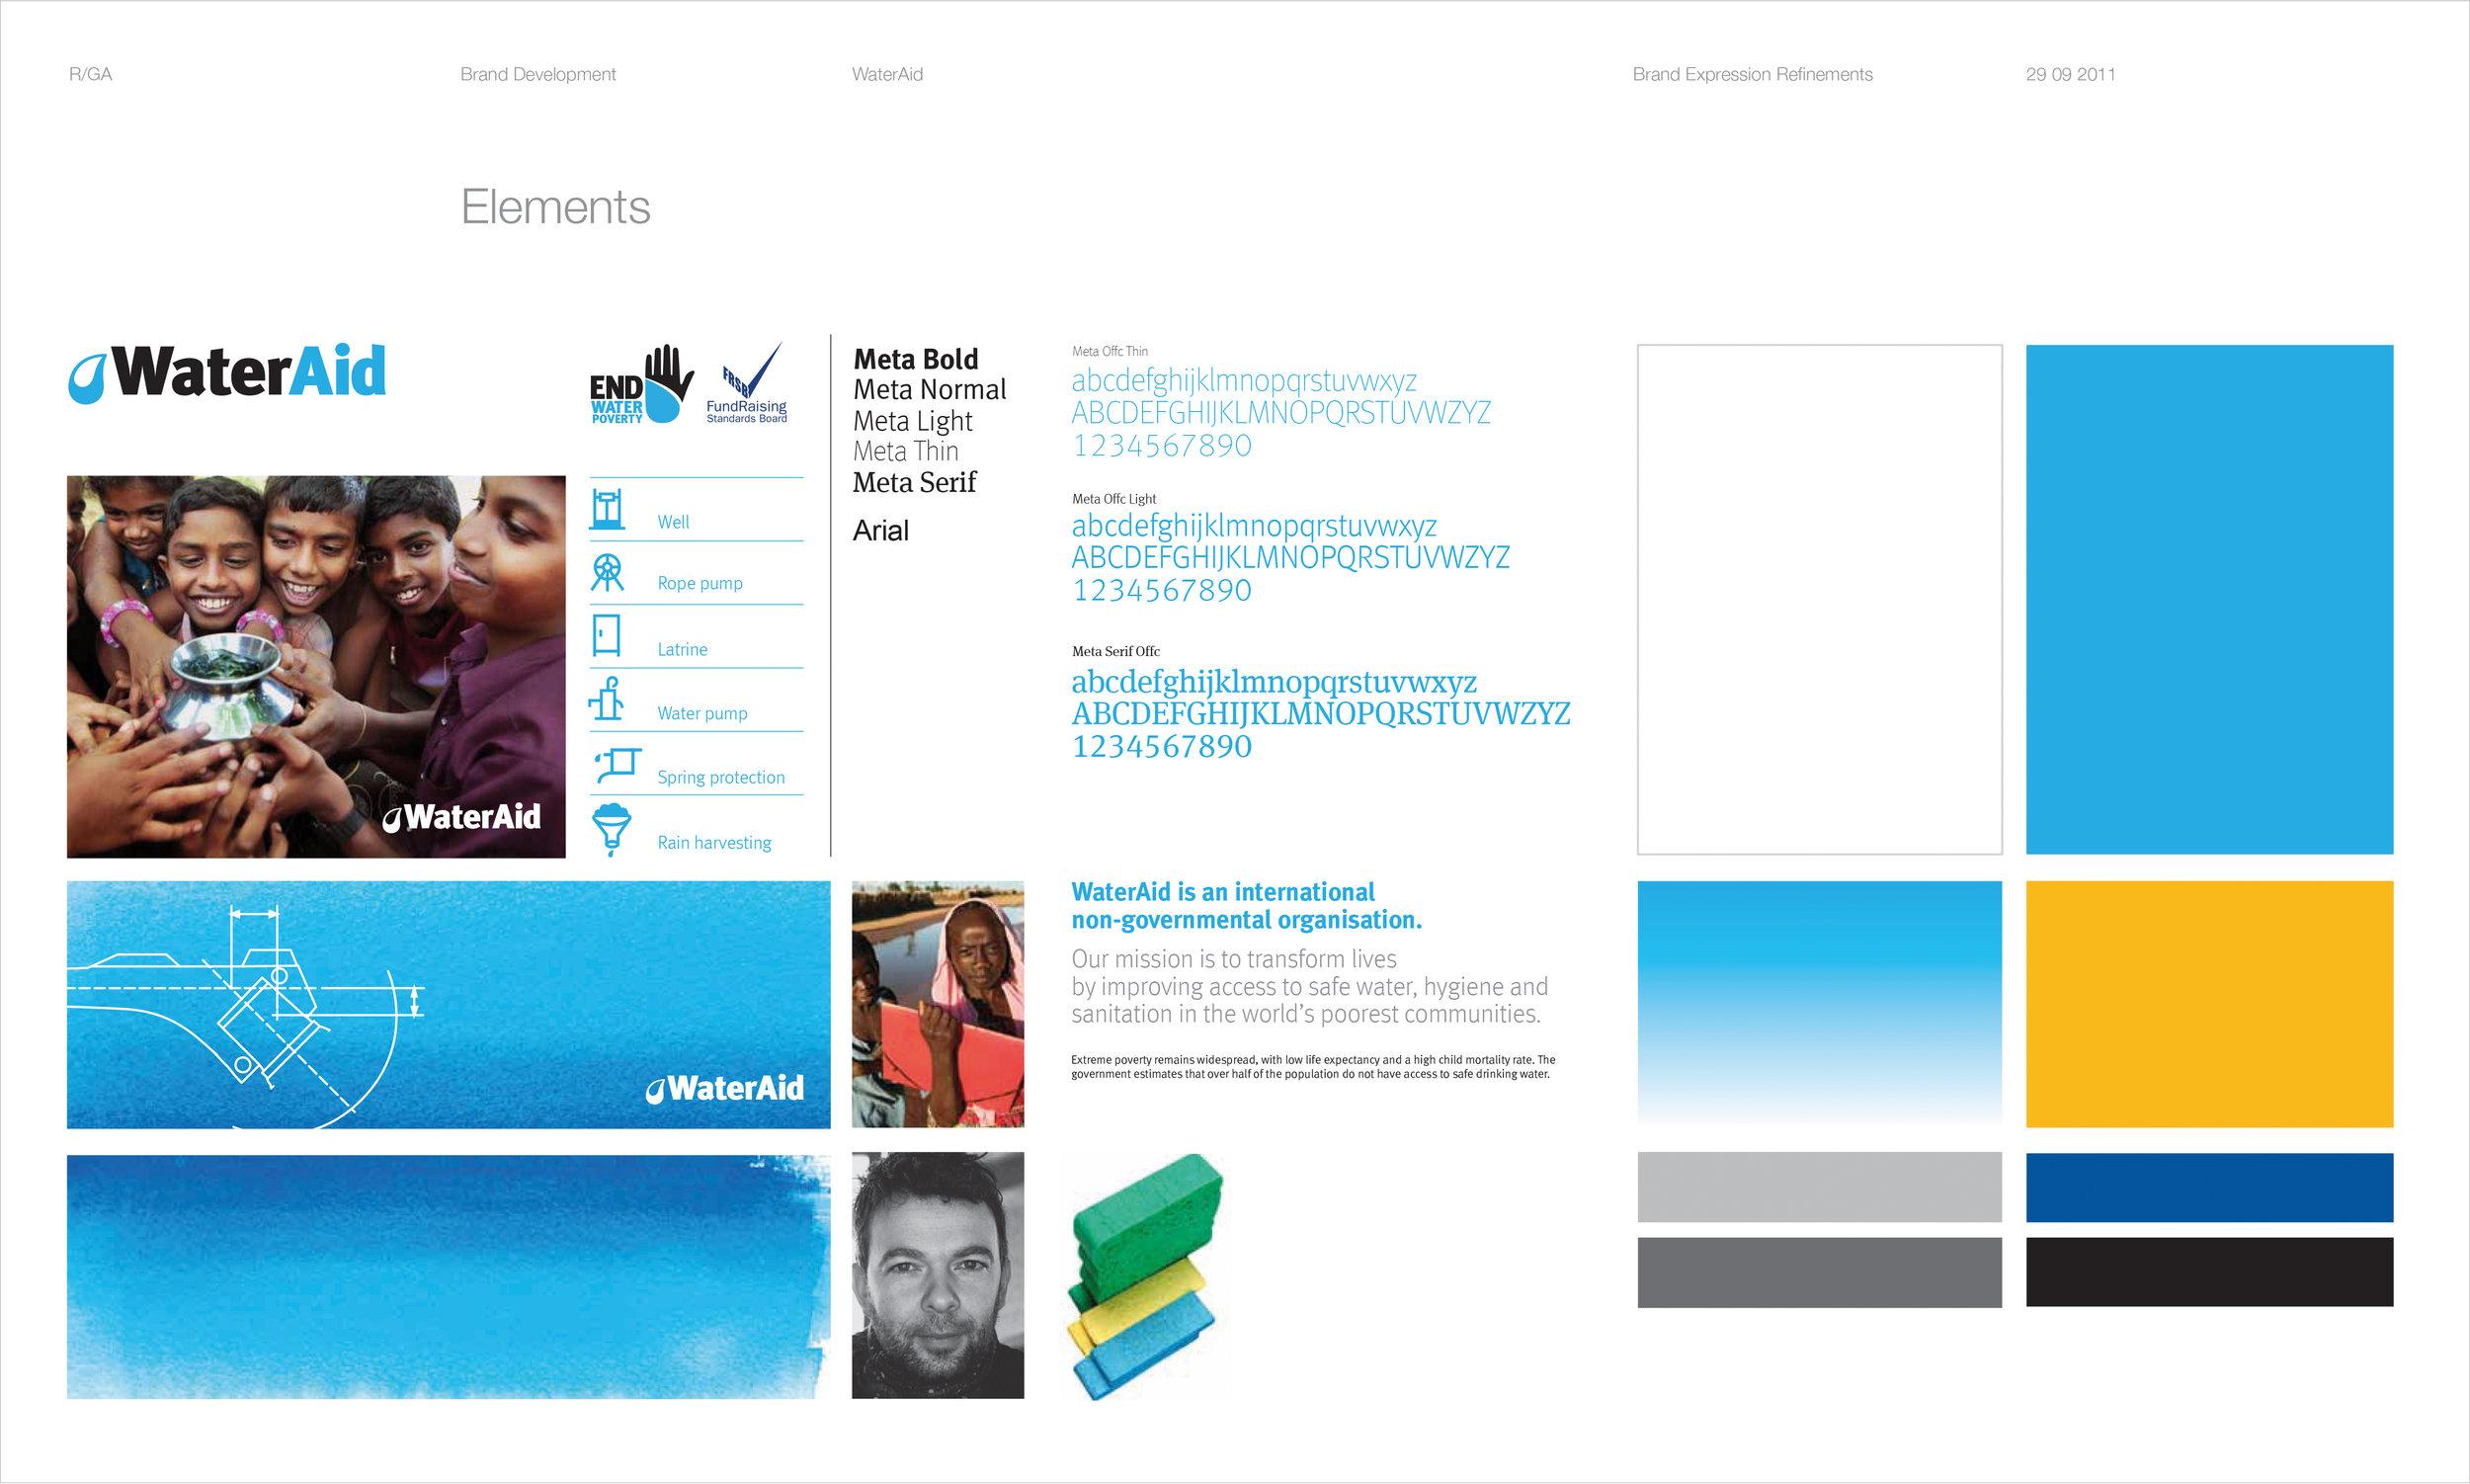 WaterAid_Brand Expression Refine_110929-4.jpg